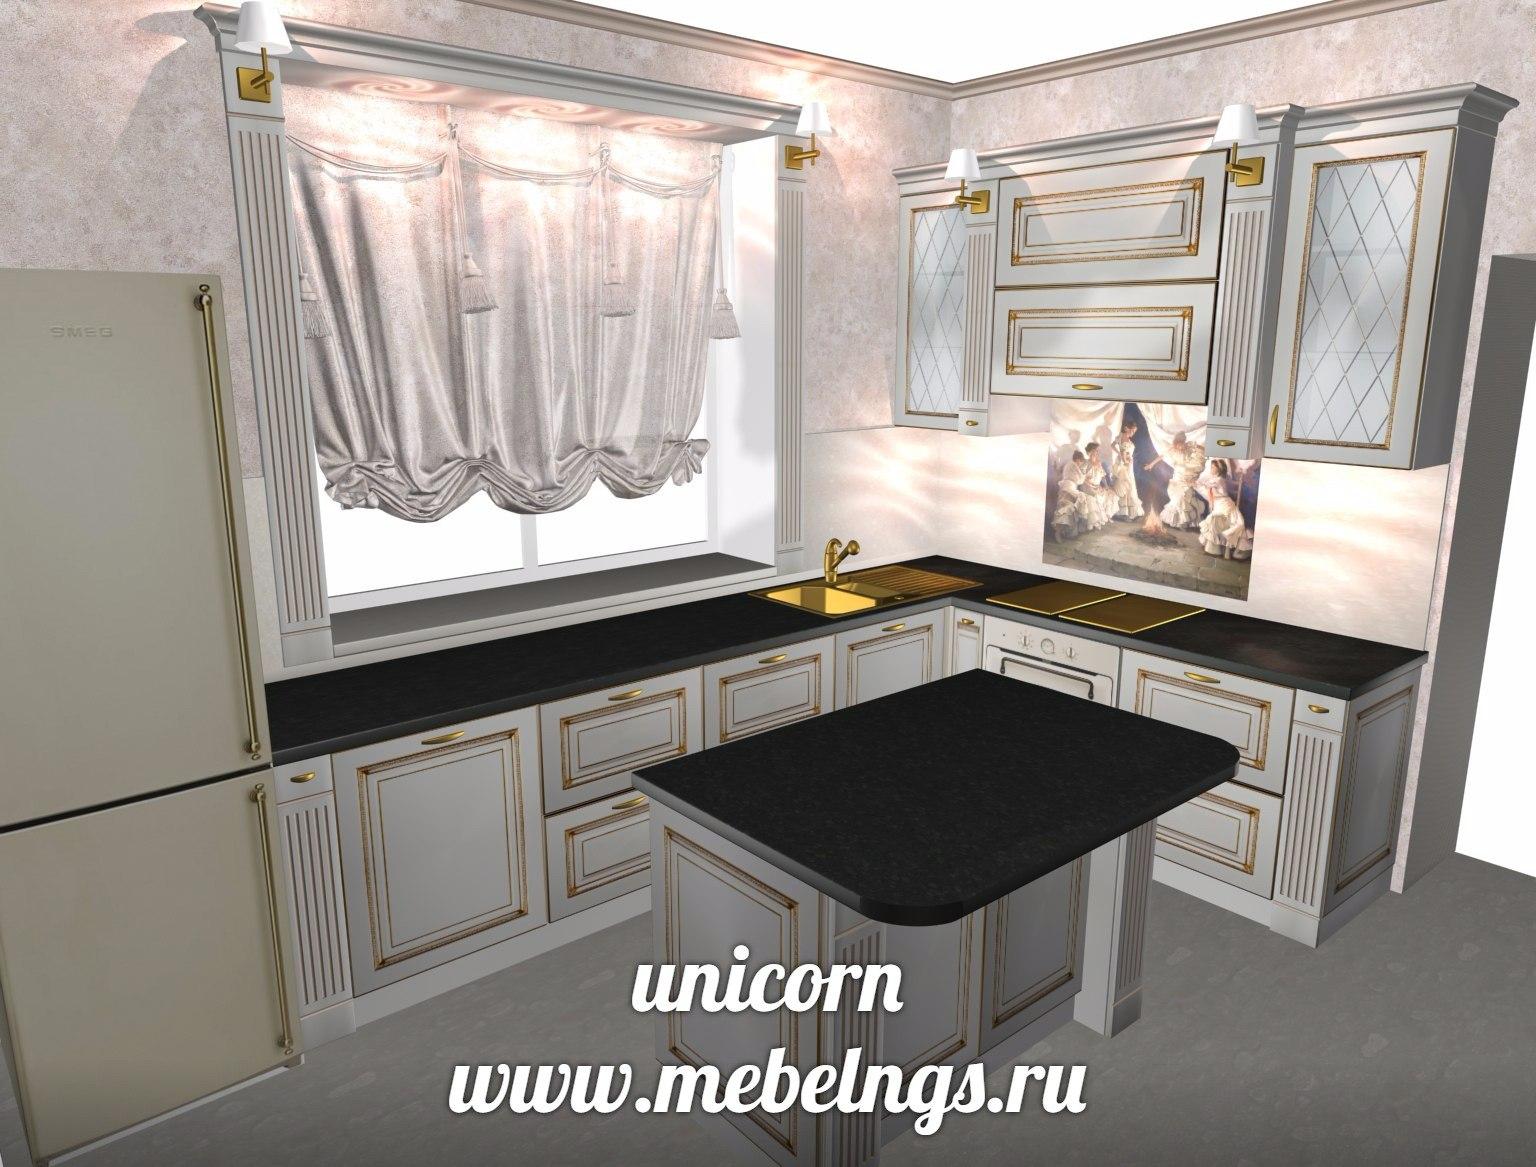 проект кухонного гарнитура в классическом дворцовом стиле